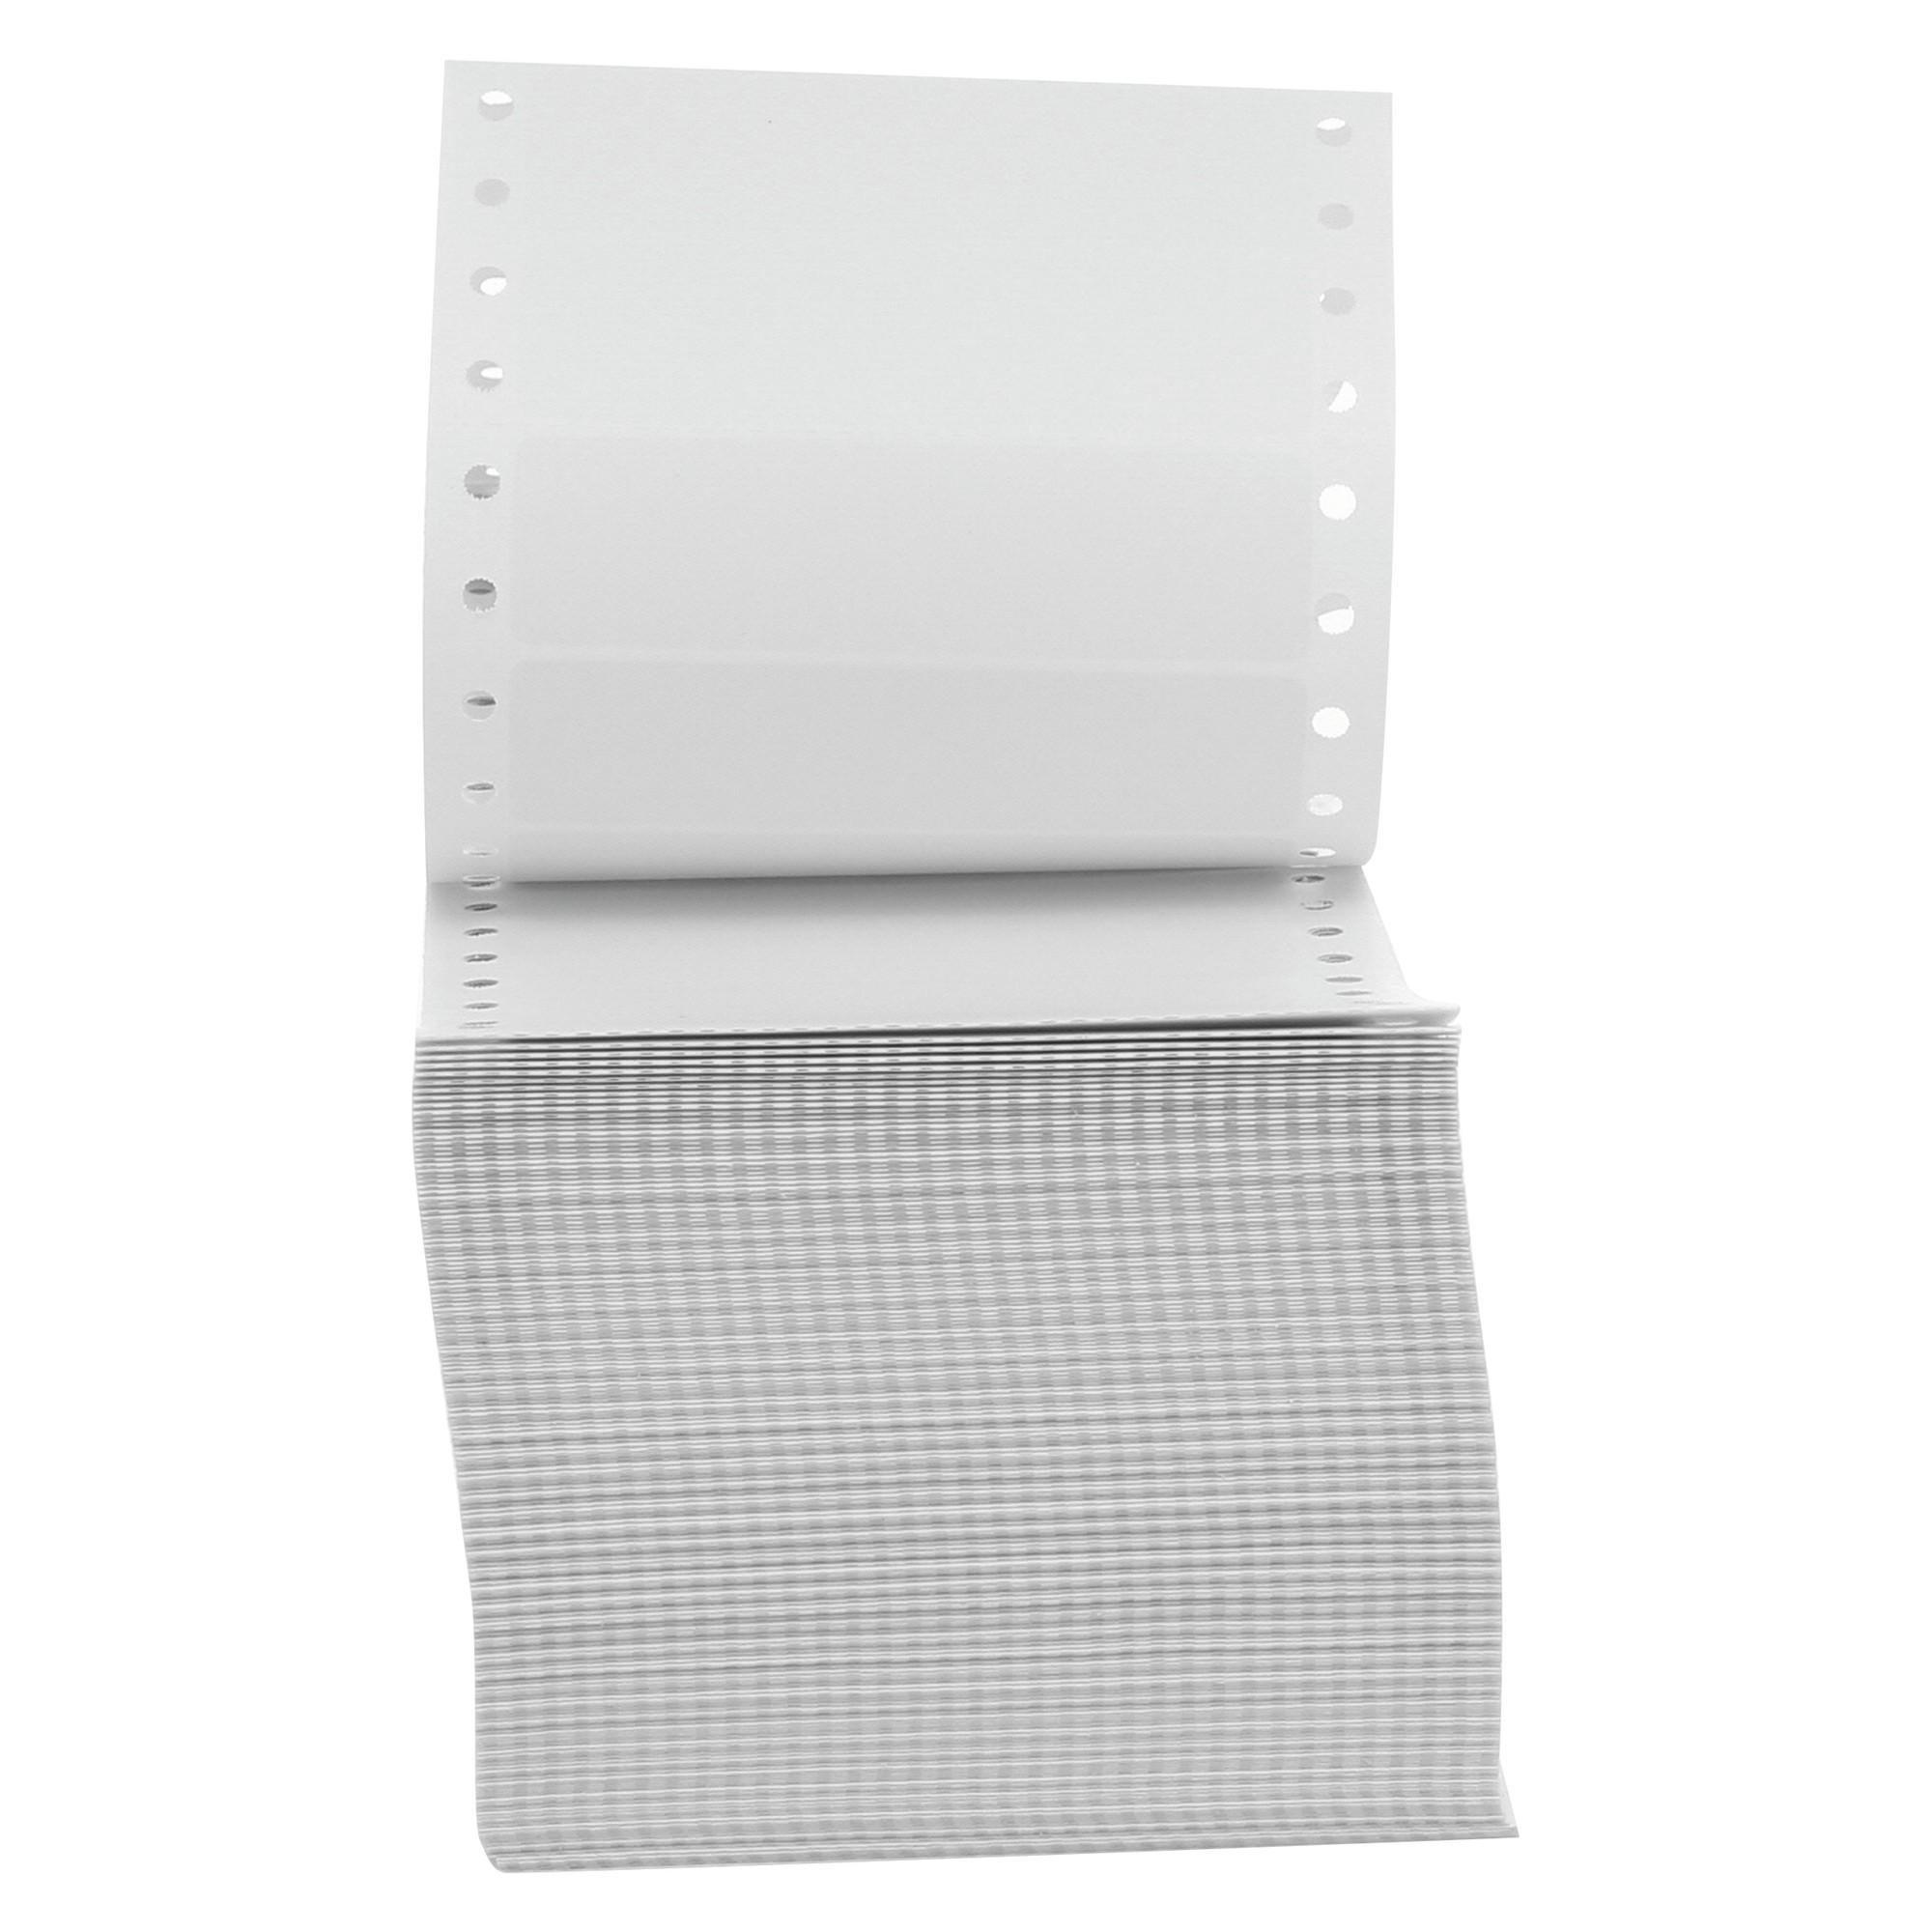 Dot Matrix Printer Labels, 1 Across, 15/16 x 3-1/2, White, 5000/Box